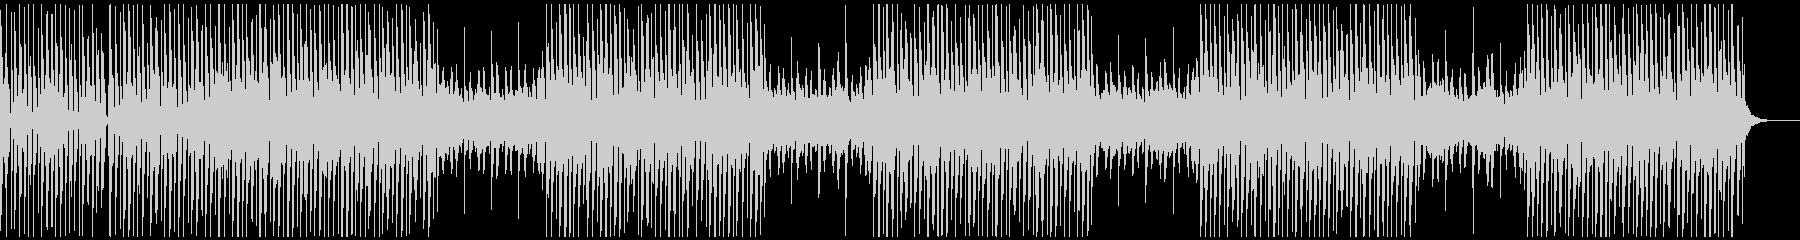 ヒップホップ風 シンセとビート オトナの未再生の波形